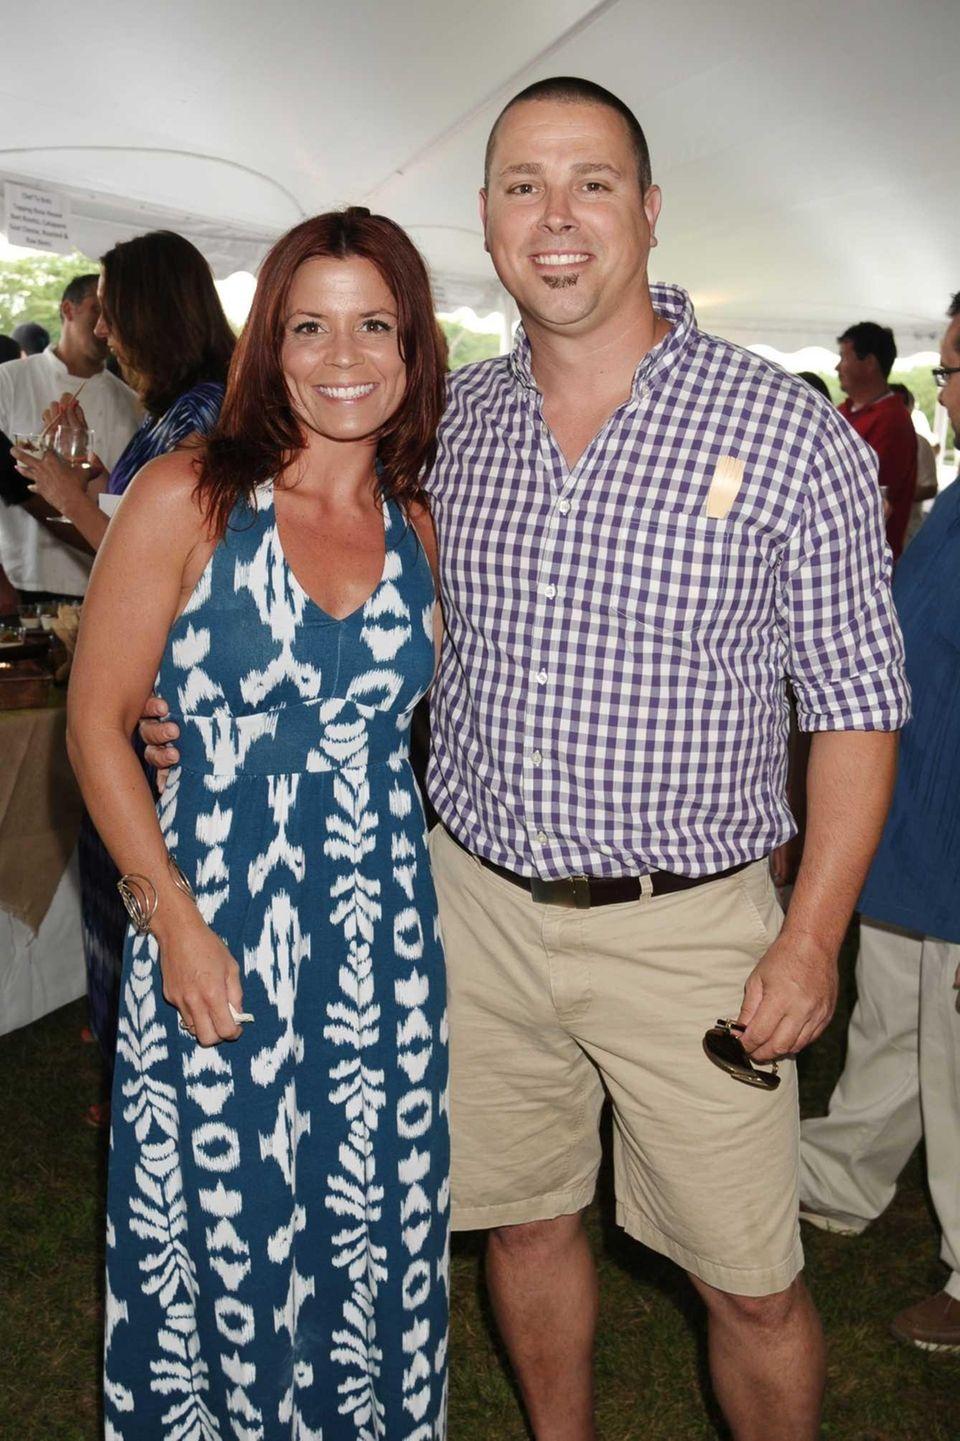 Jennifer Savnik and Charlie Savnik attend the 2013